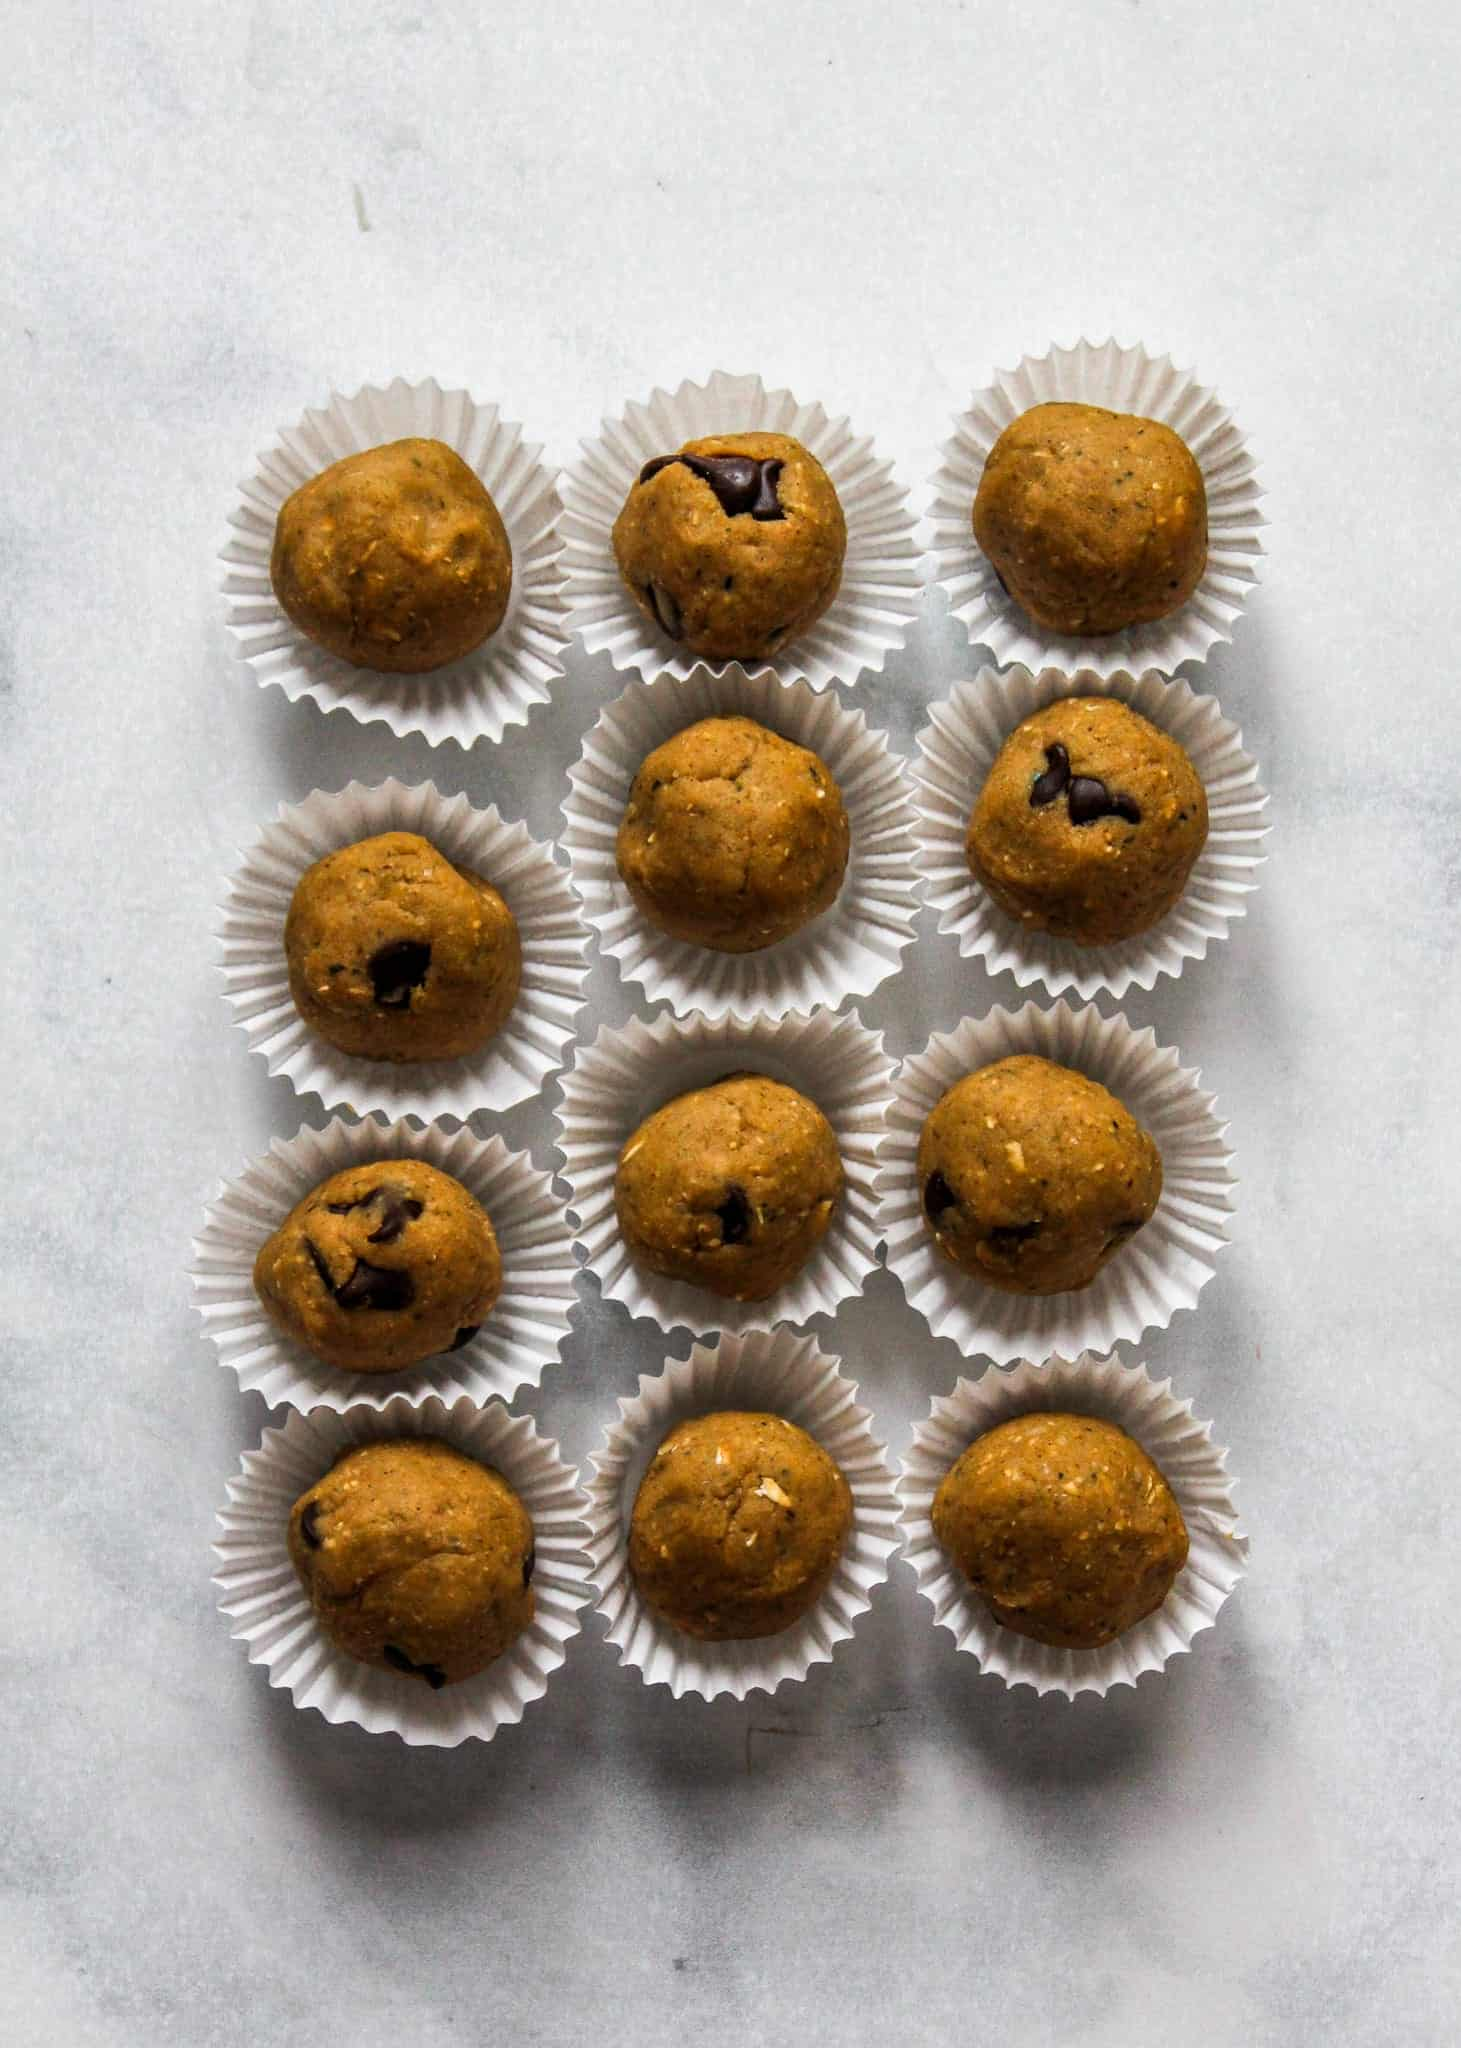 Cookie Dough Snack Bites #glutenfree #dairyfree #protein #vegan #lowfodmap